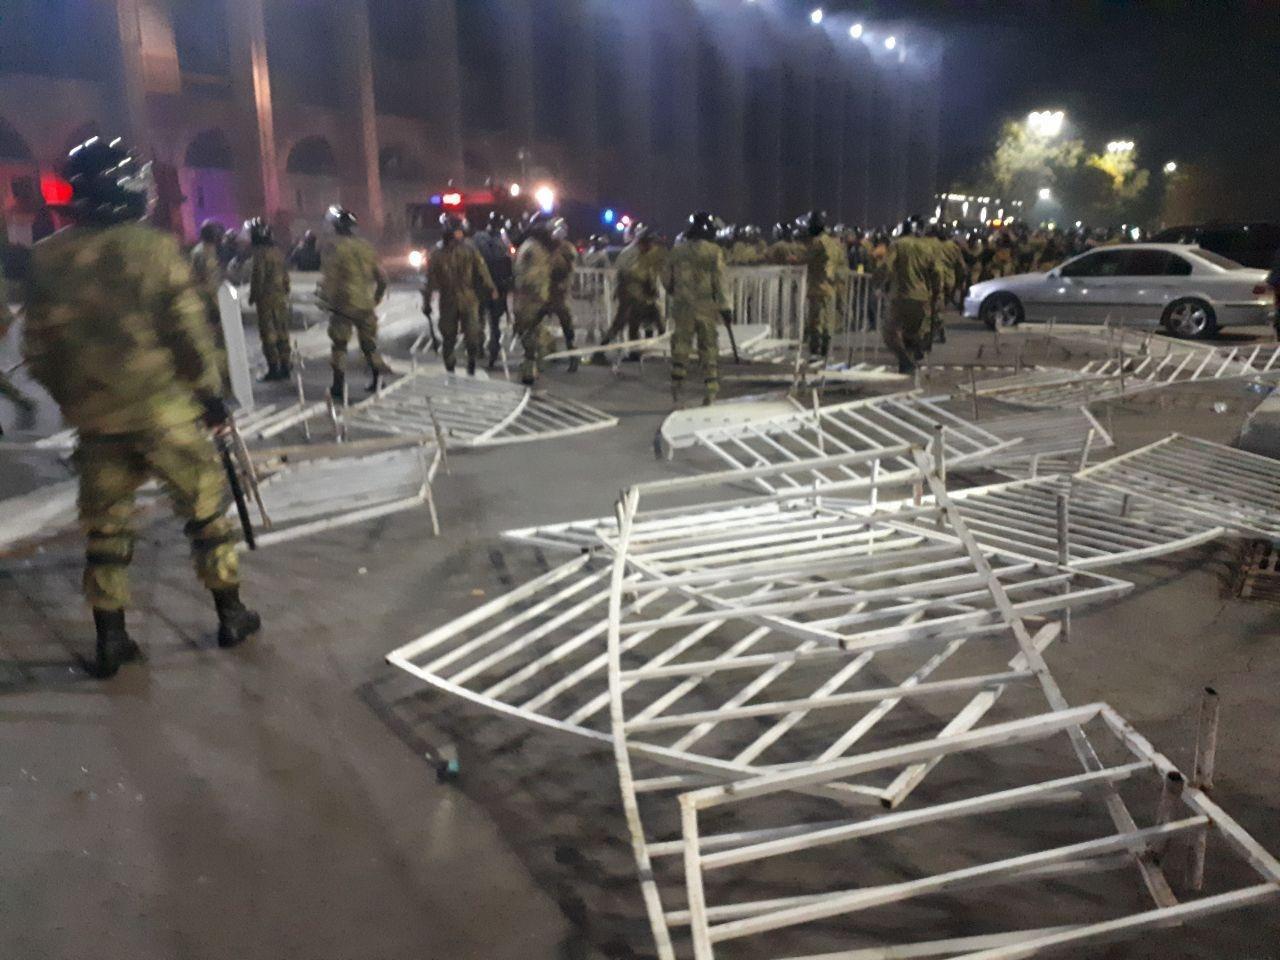 Камни, светошумовые гранаты и газ: в стычках в Бишкеке пострадали десятки человек - кадры противостояния